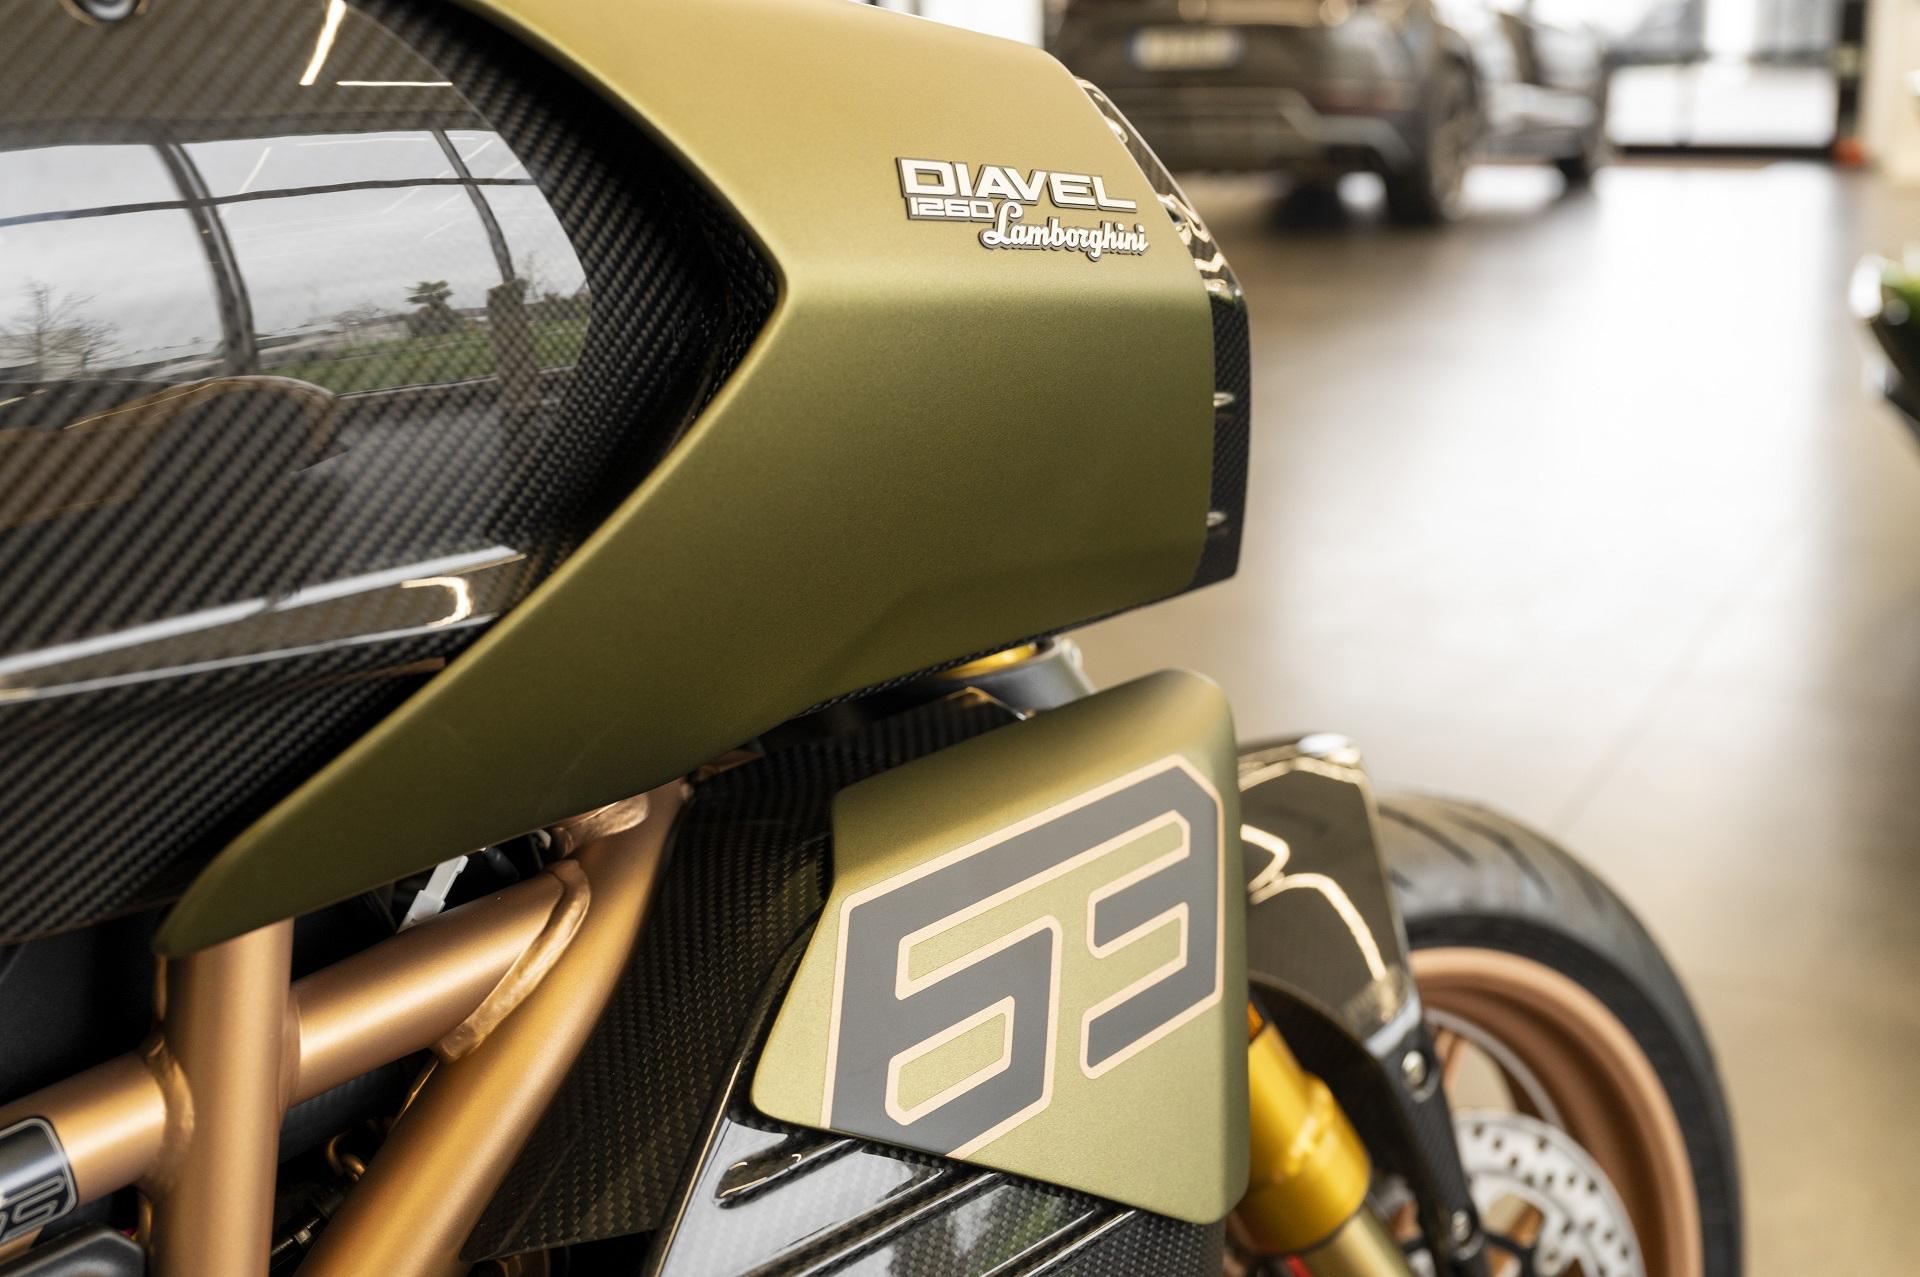 Lamborghini Ducati Diavel_1260_concession lamborghini bordeaux